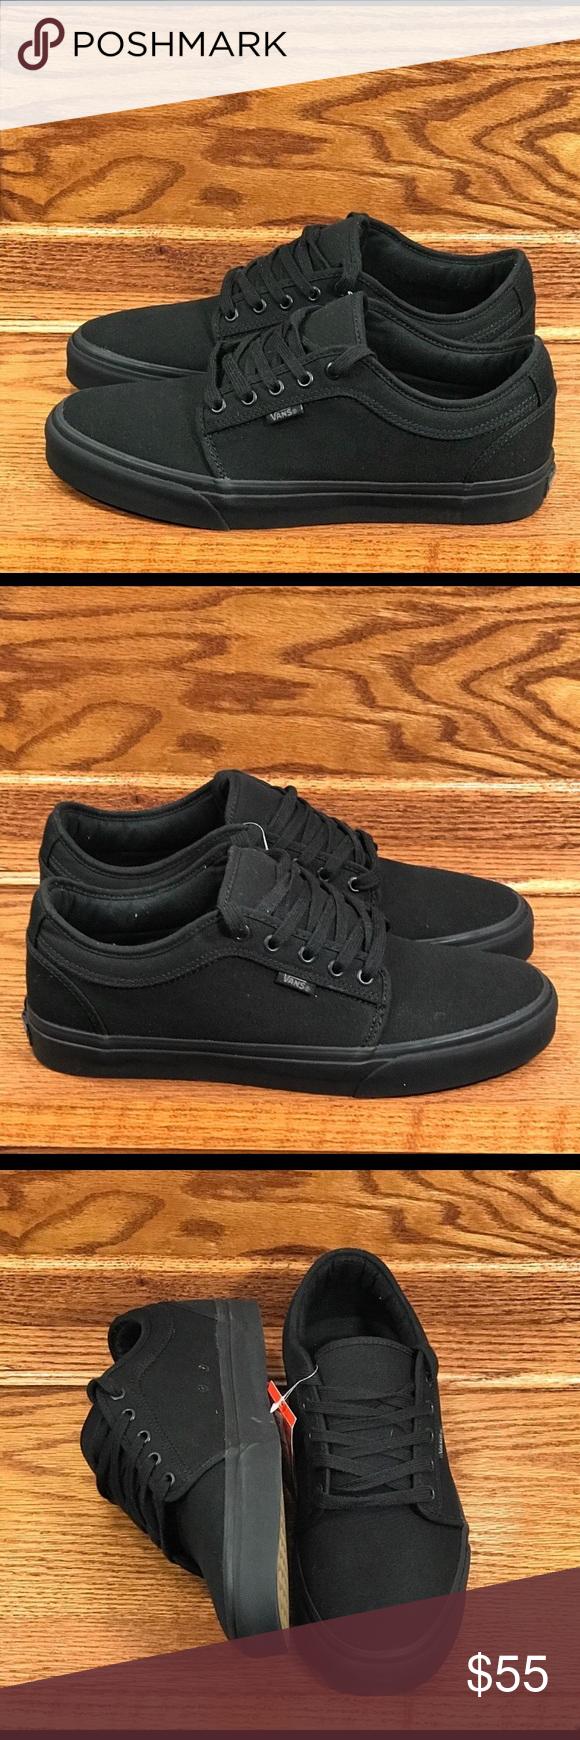 Vans Chukka Low Pro Blackout Shoes